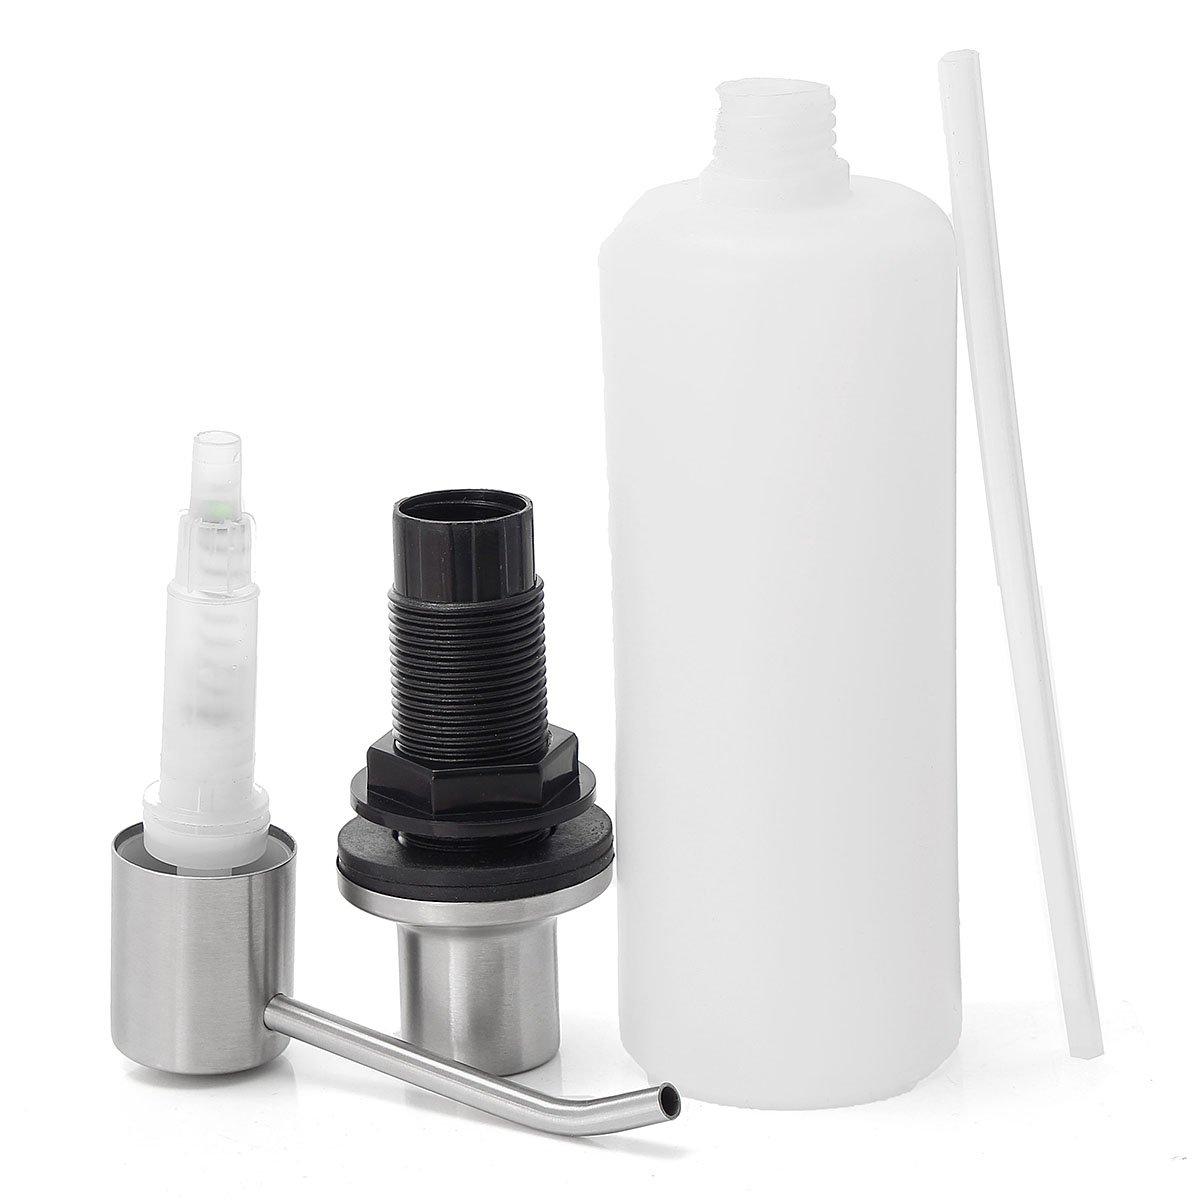 TAPCET 500ml dispensador de jabón/jabón de manos,Tratamiento de luz de acero inoxidable / tratamiento de cableado cepillado: Amazon.es: Hogar